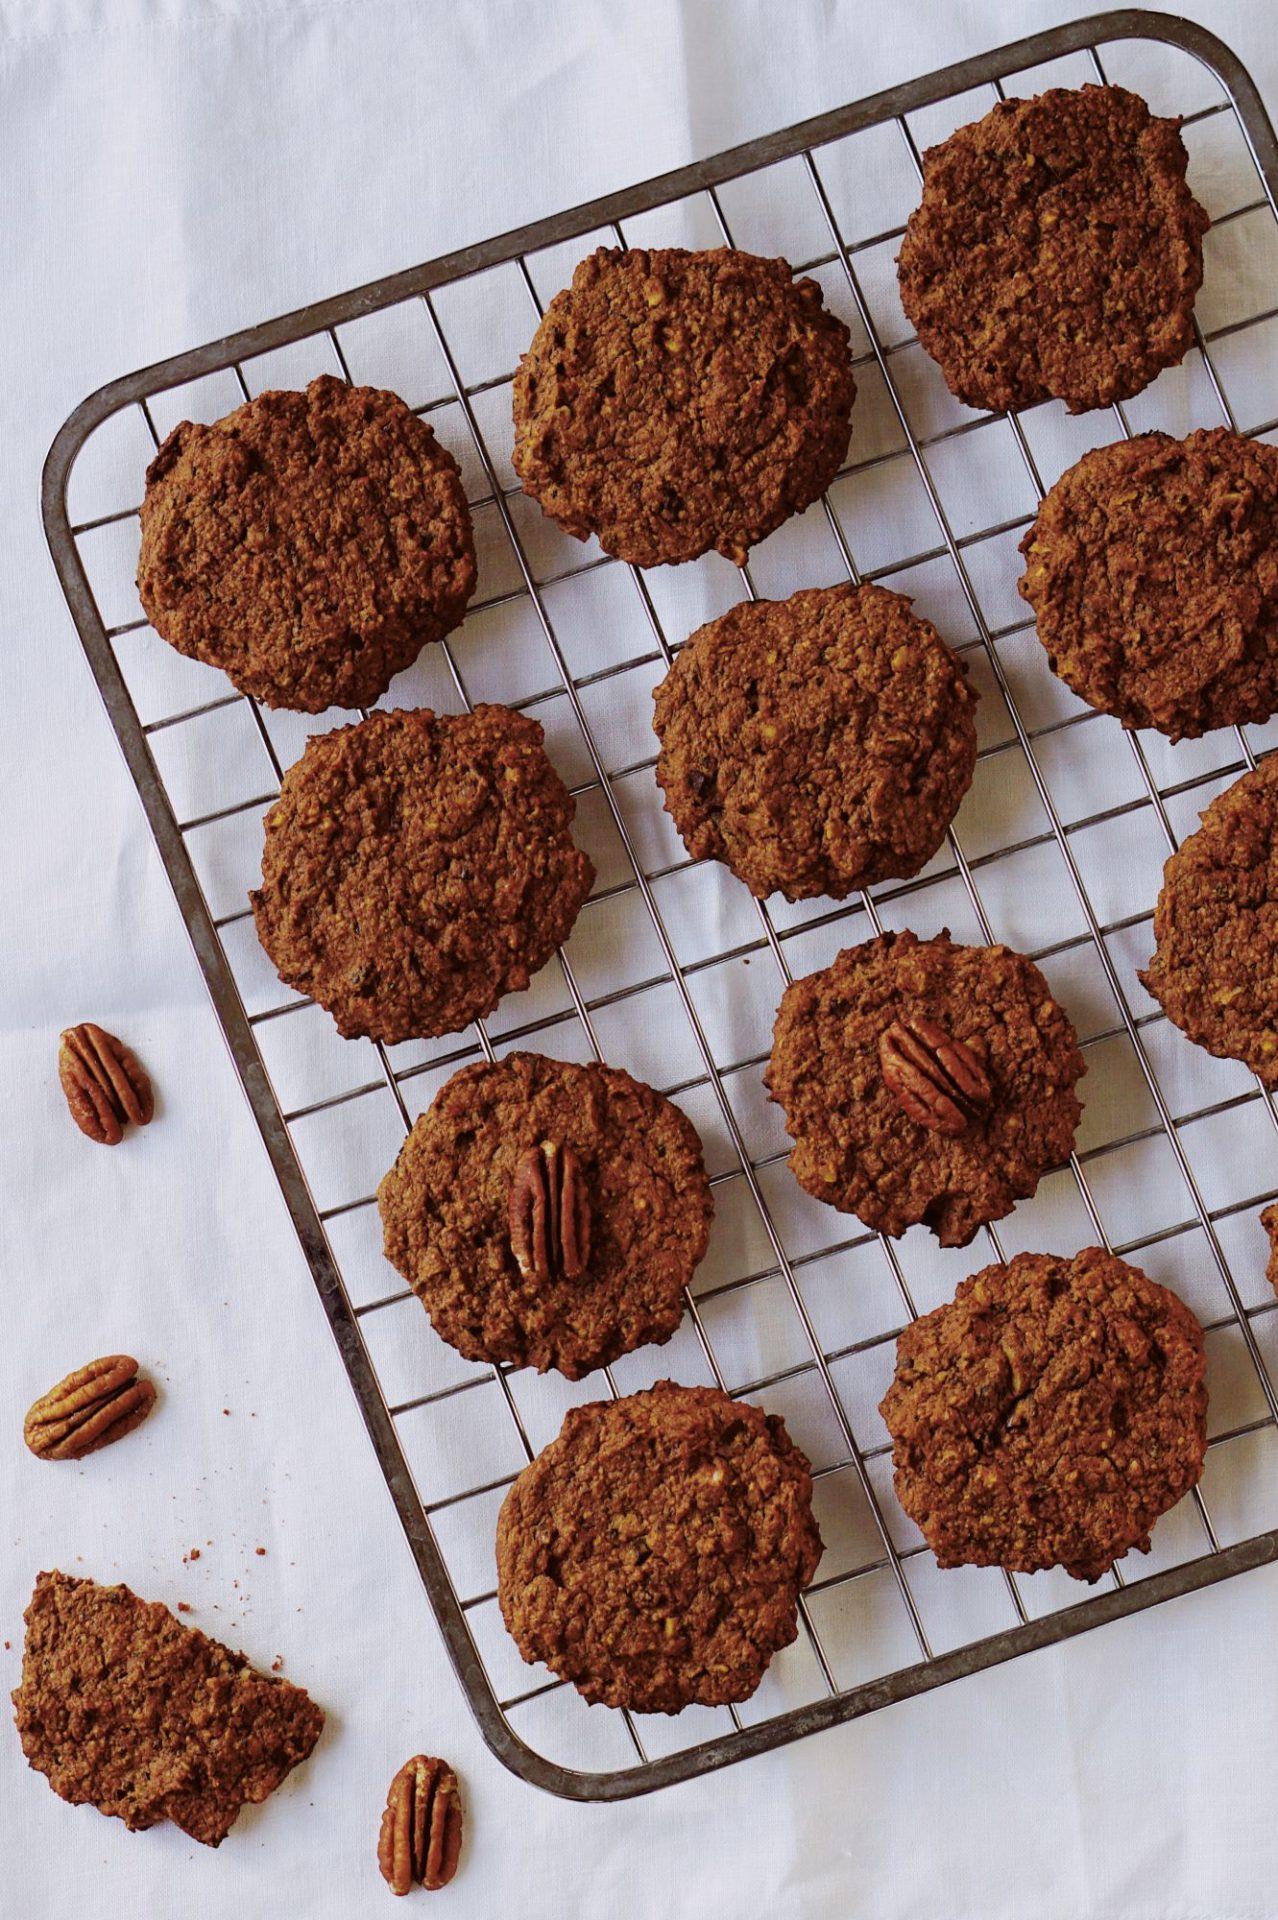 Zdravé cookies zfazule aovsených vločiek. Sú bez cukru ajednoducho sa dajú pripraviť bez lepku.